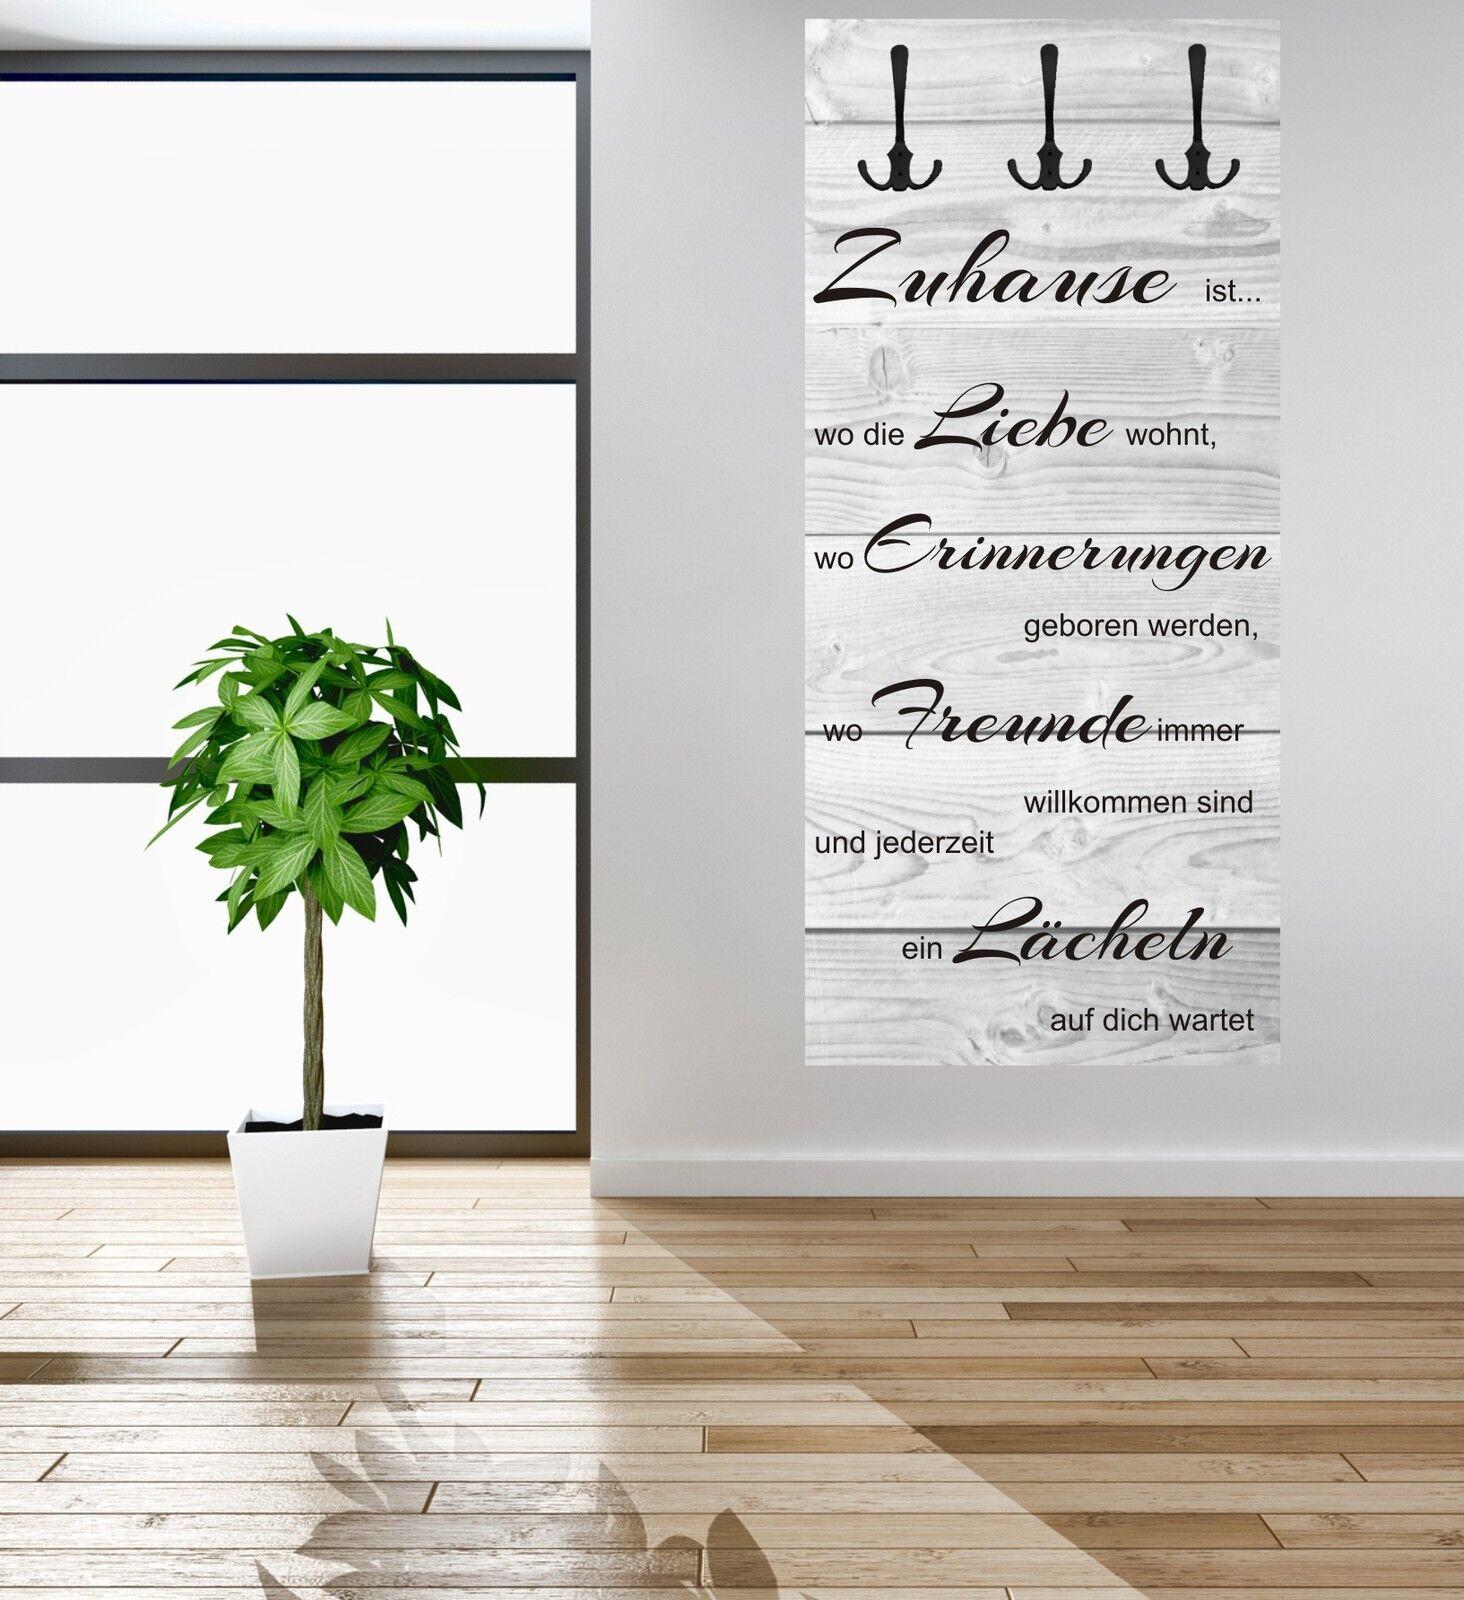 Muro guardaroba Casa famiglia wg198 Guardaroba Corridoio Guardaroba Parete Immagine